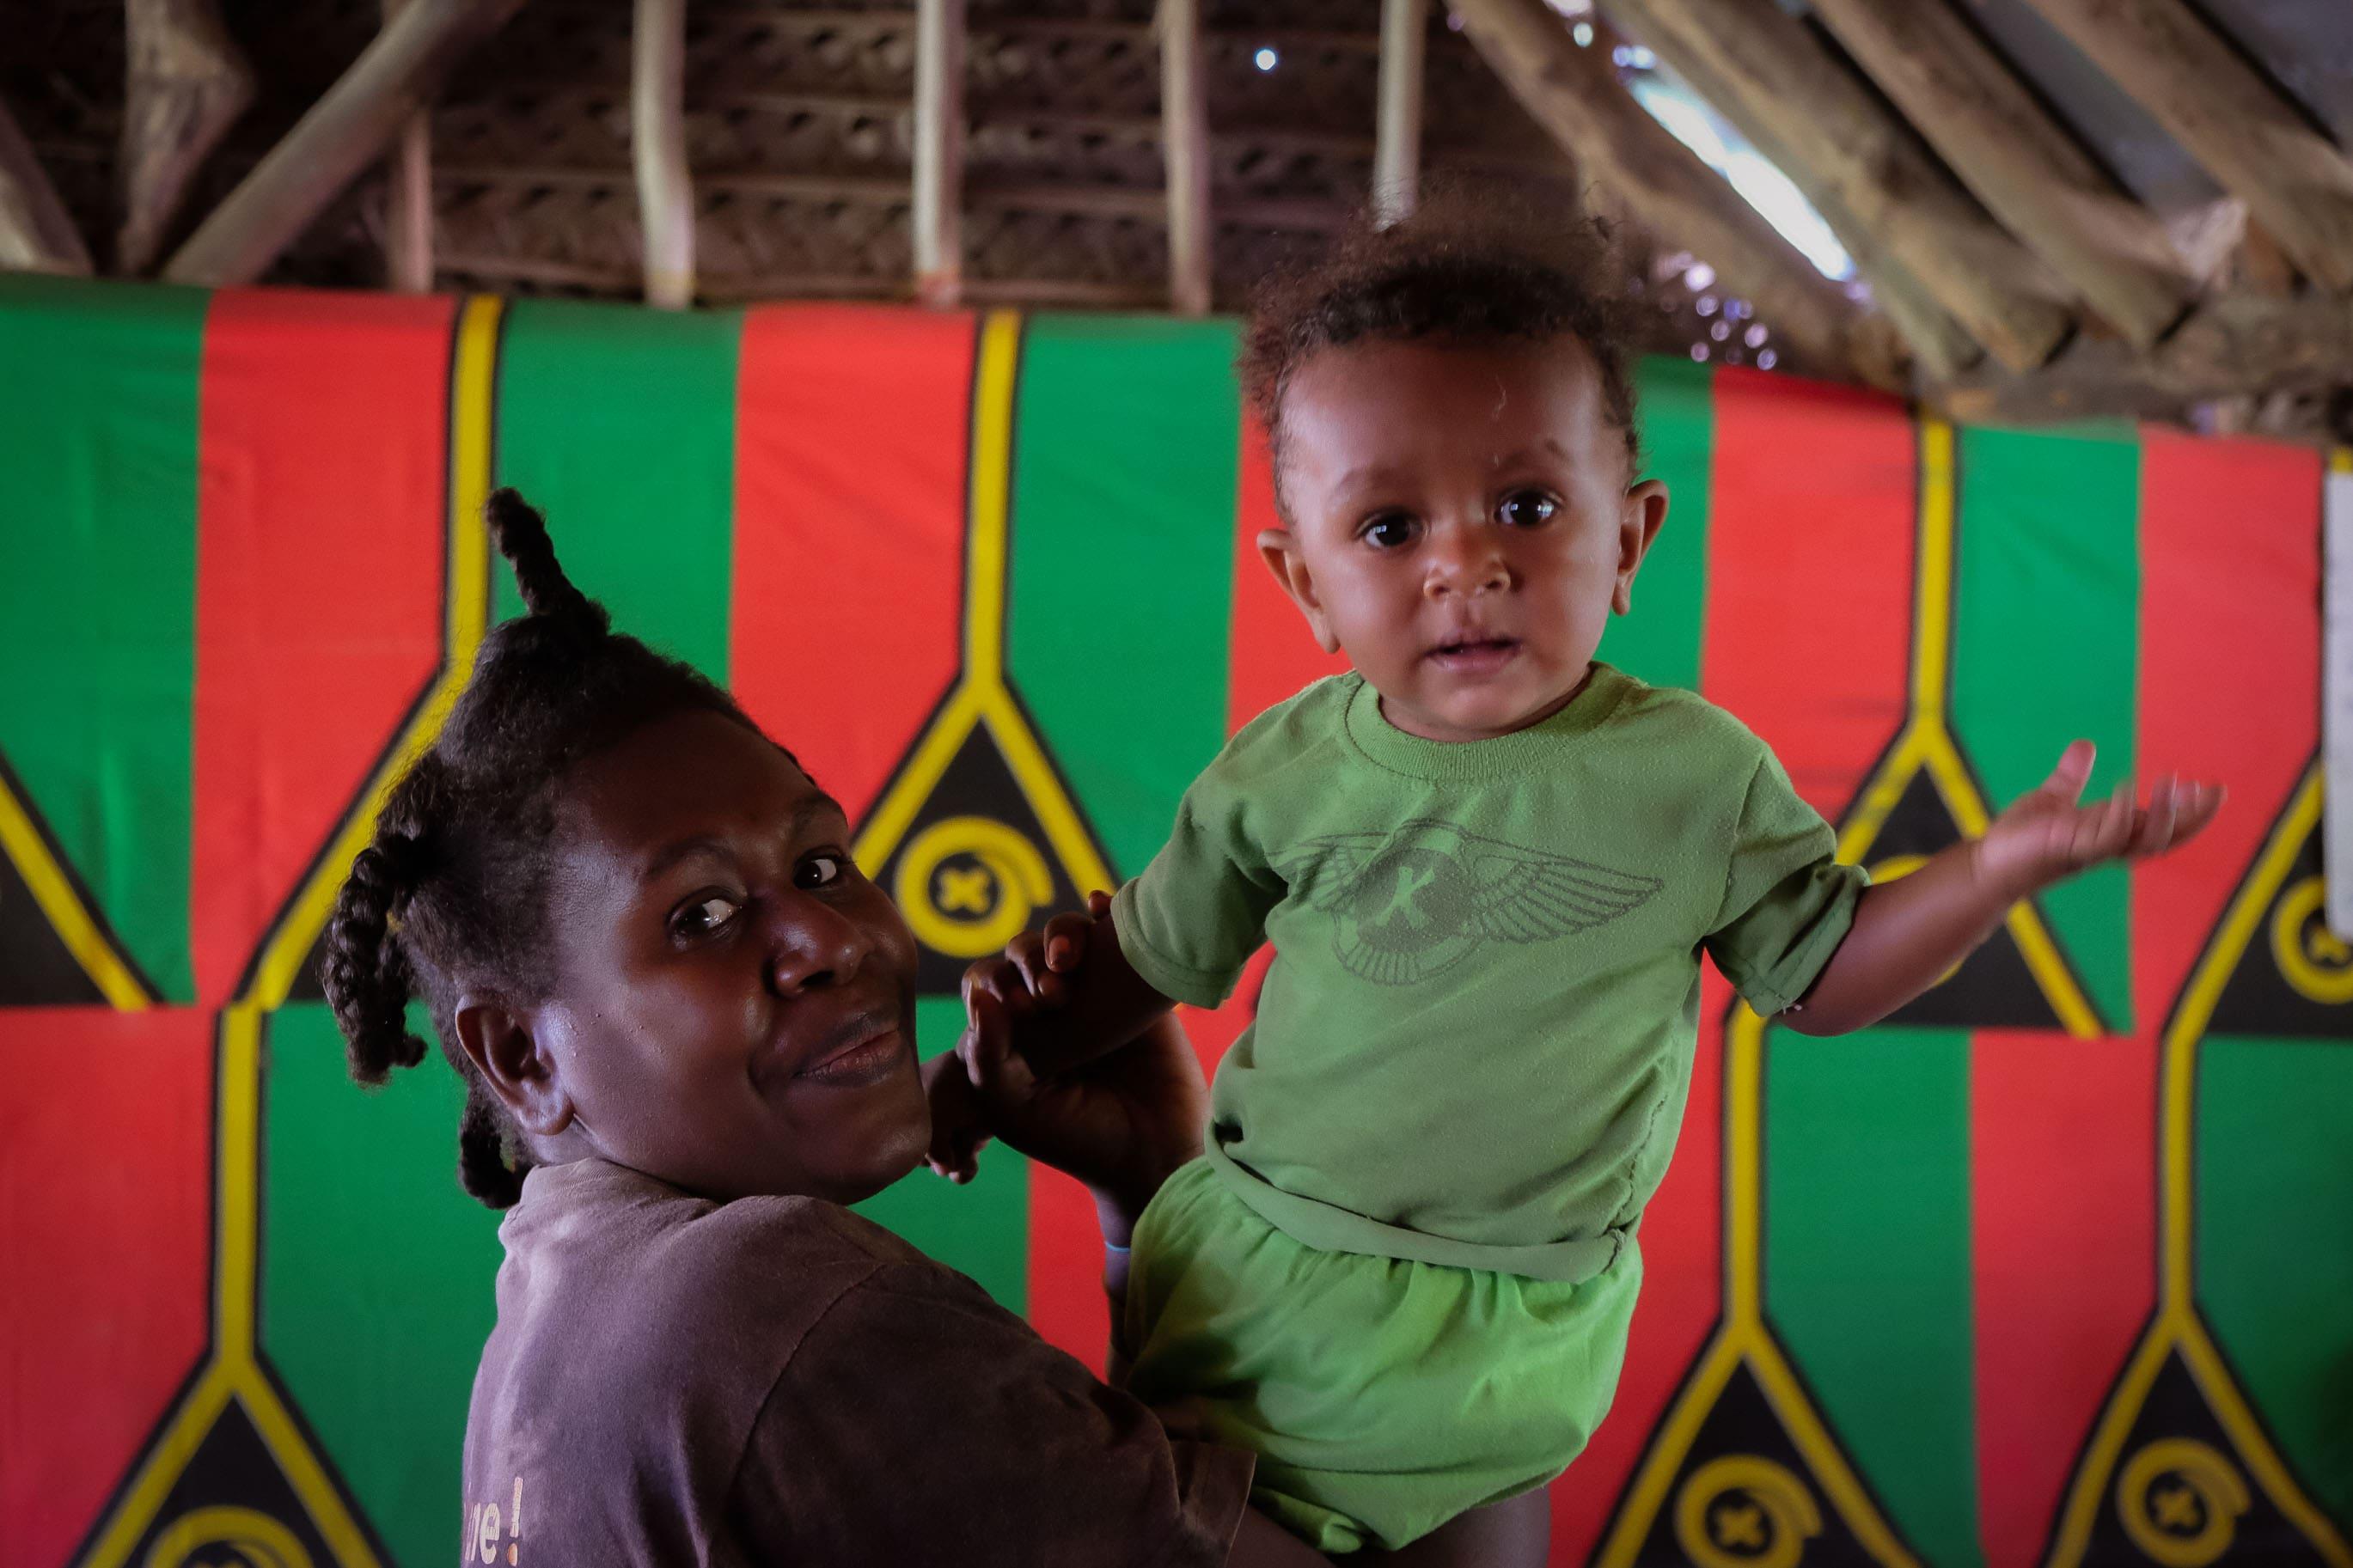 Matka s dítětem z Vanuatu, Melanésie, fotograf Lenka Martincová